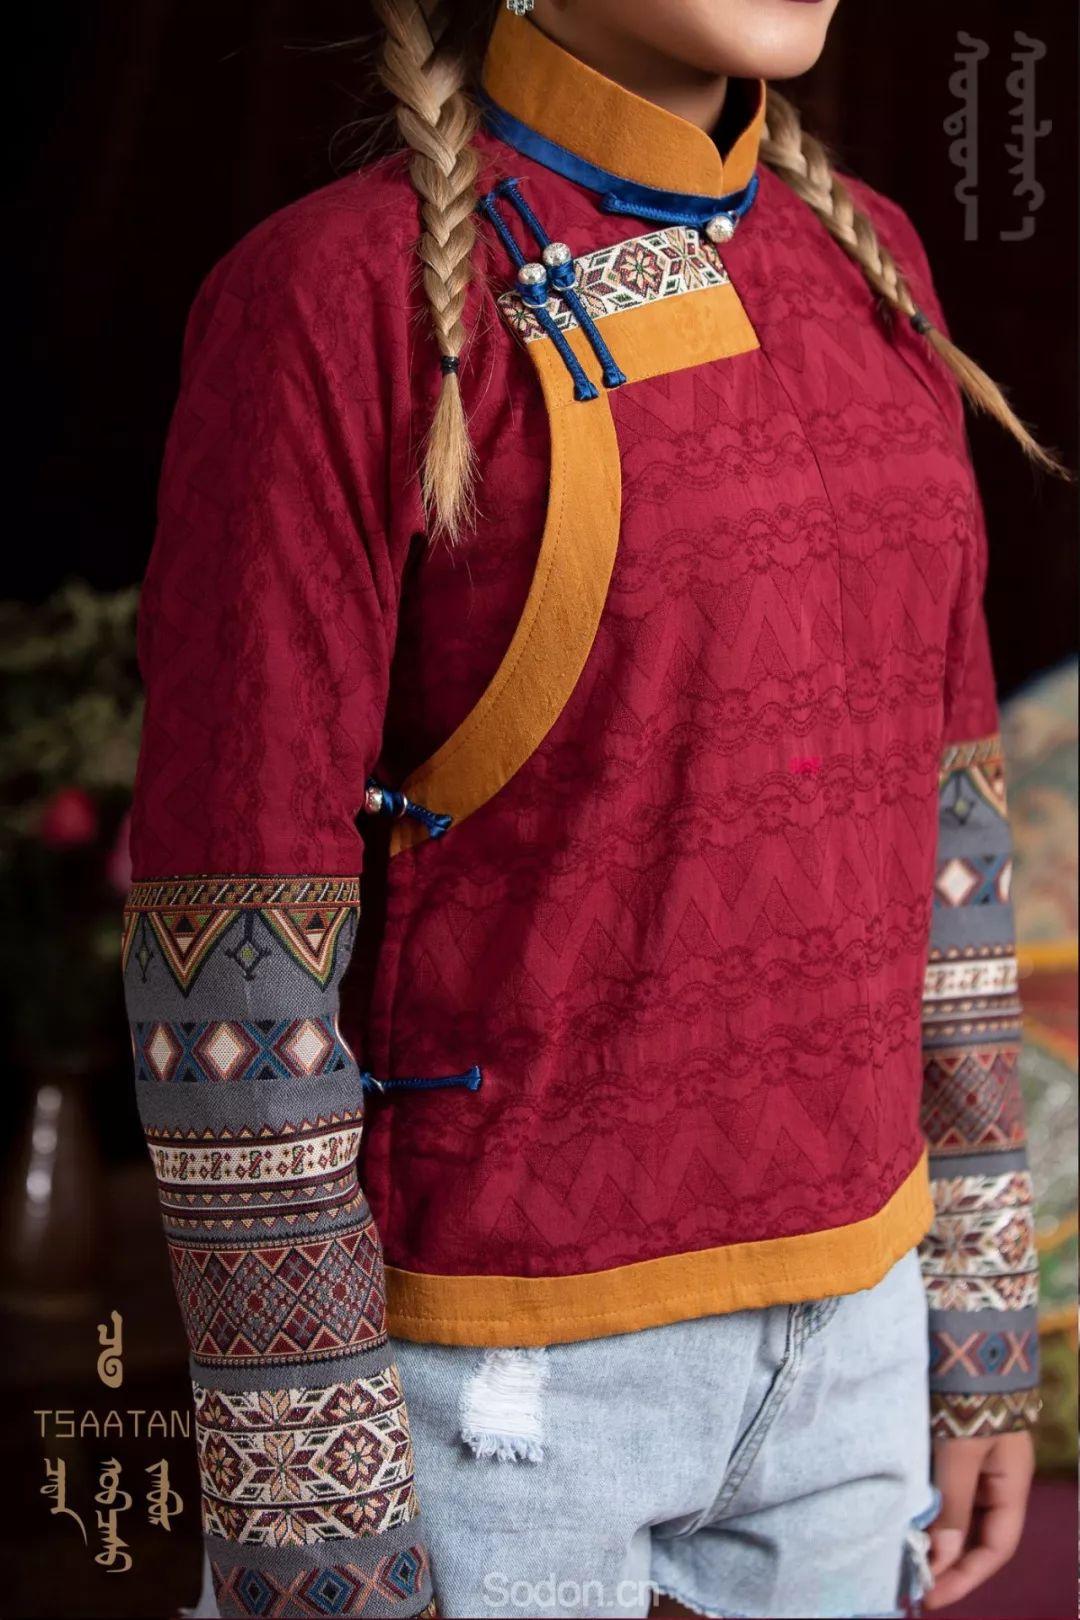 TSAATAN蒙古时装 2019新款,来自驯鹿人的独特魅力! 第37张